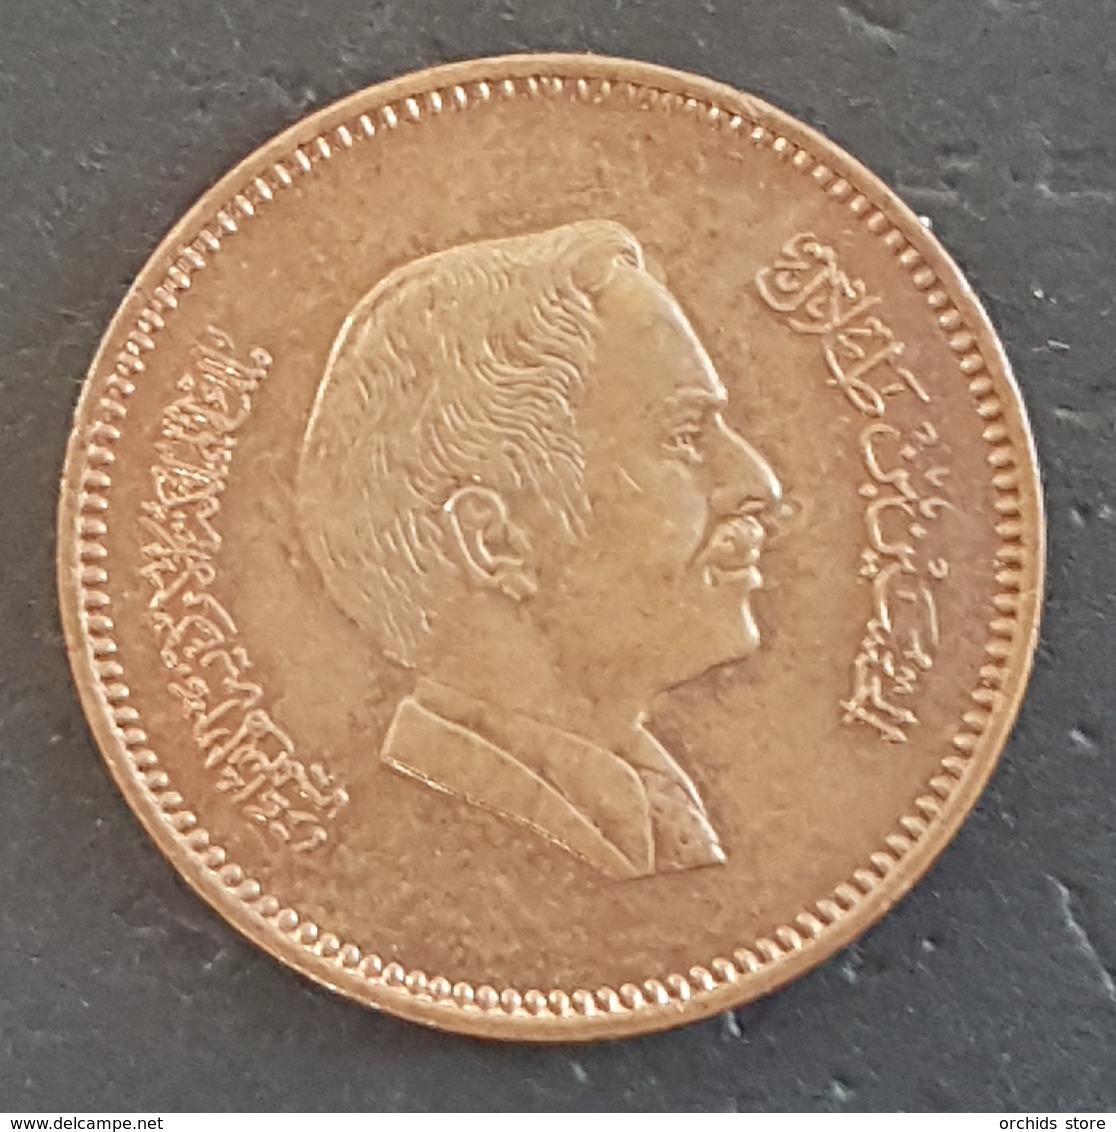 HX - Jordan 1984 1 Fils Coin - A-UNC / UNC - Jordan